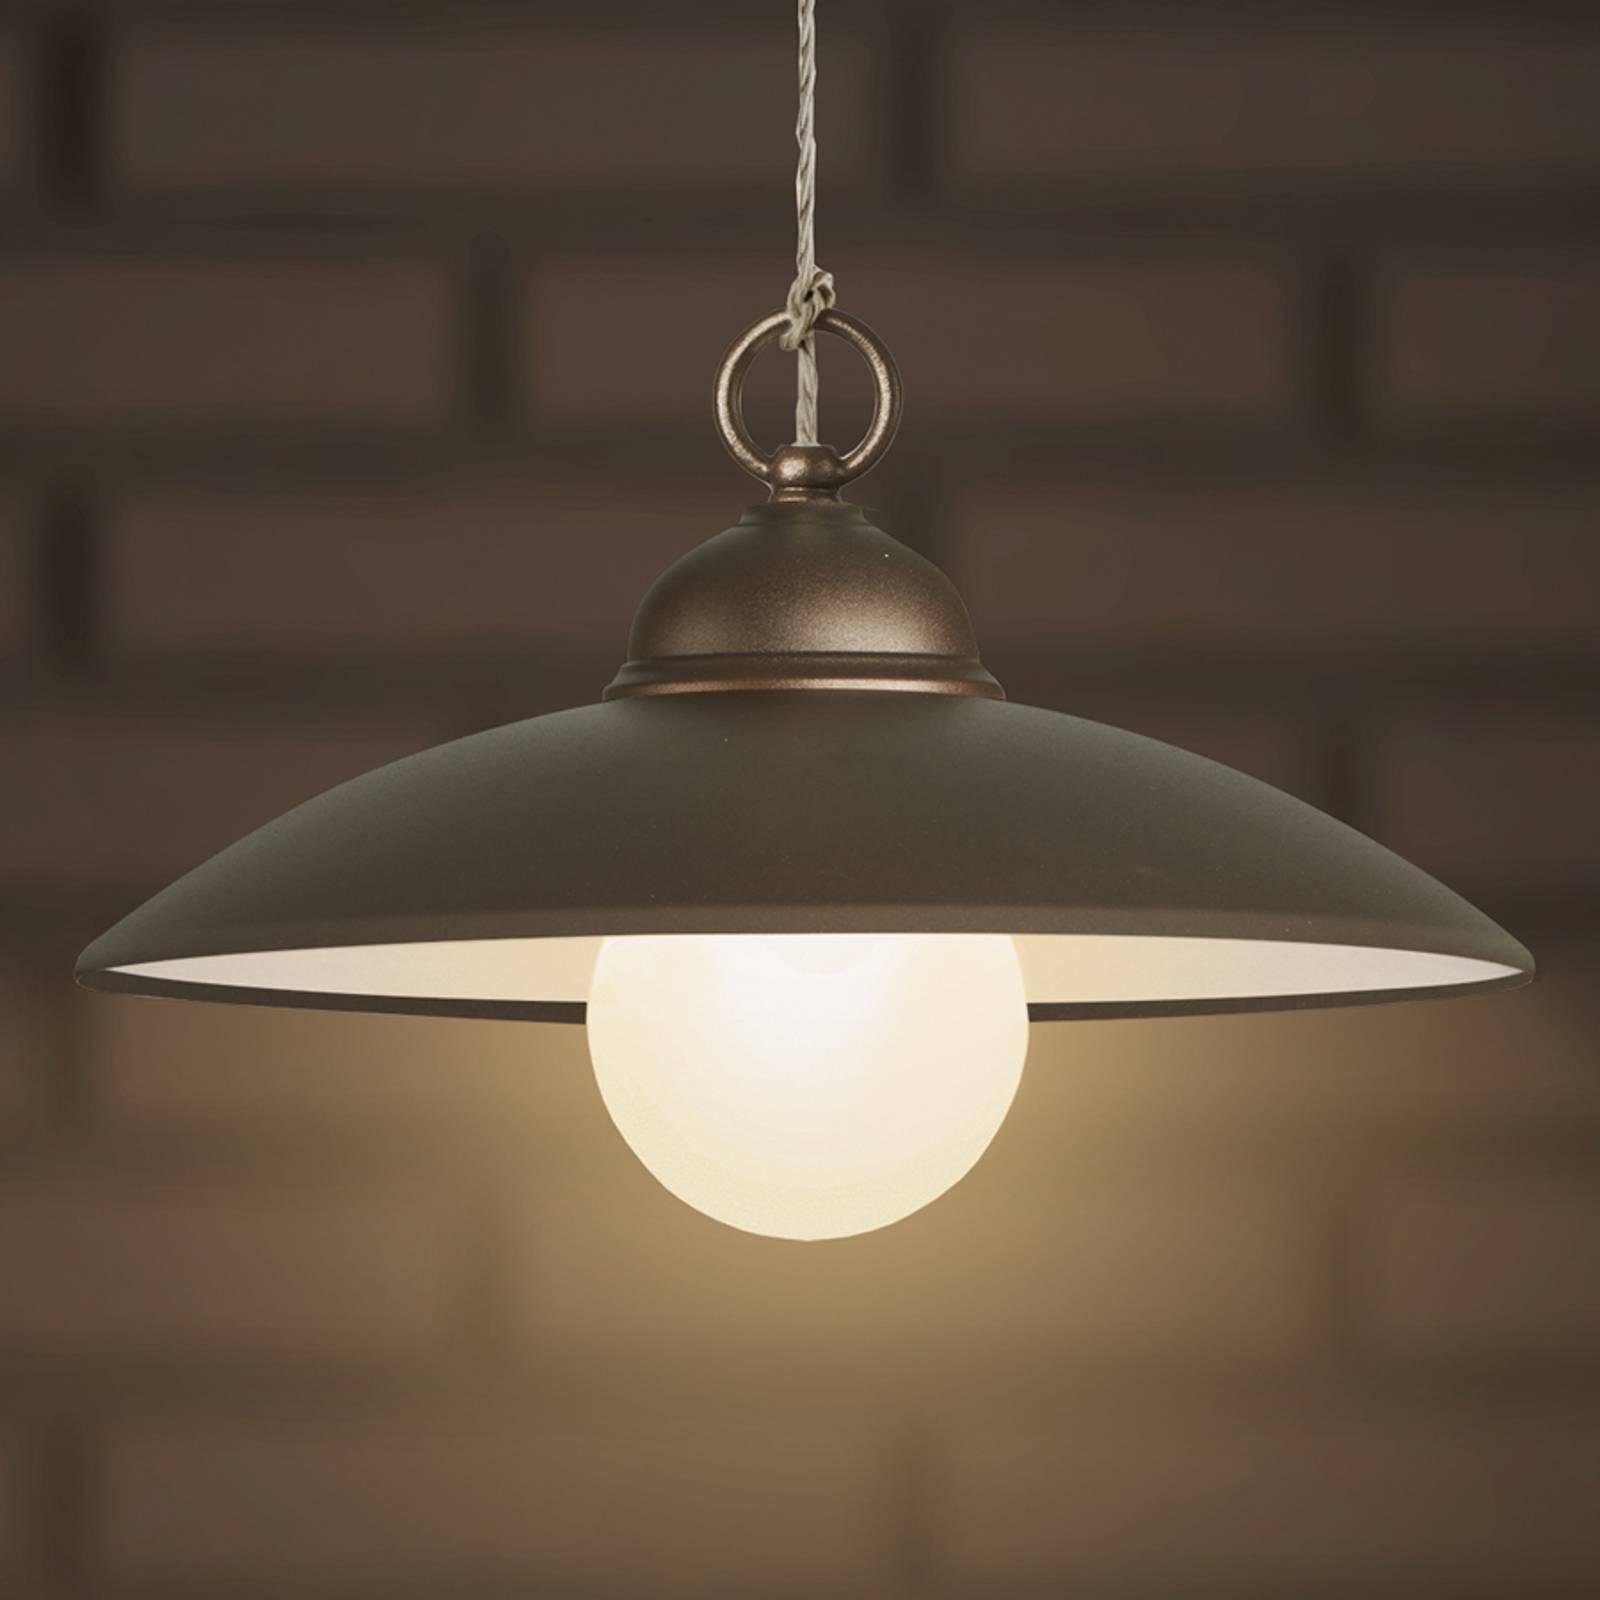 Eenvoudige hanglamp Baja koffiebruin